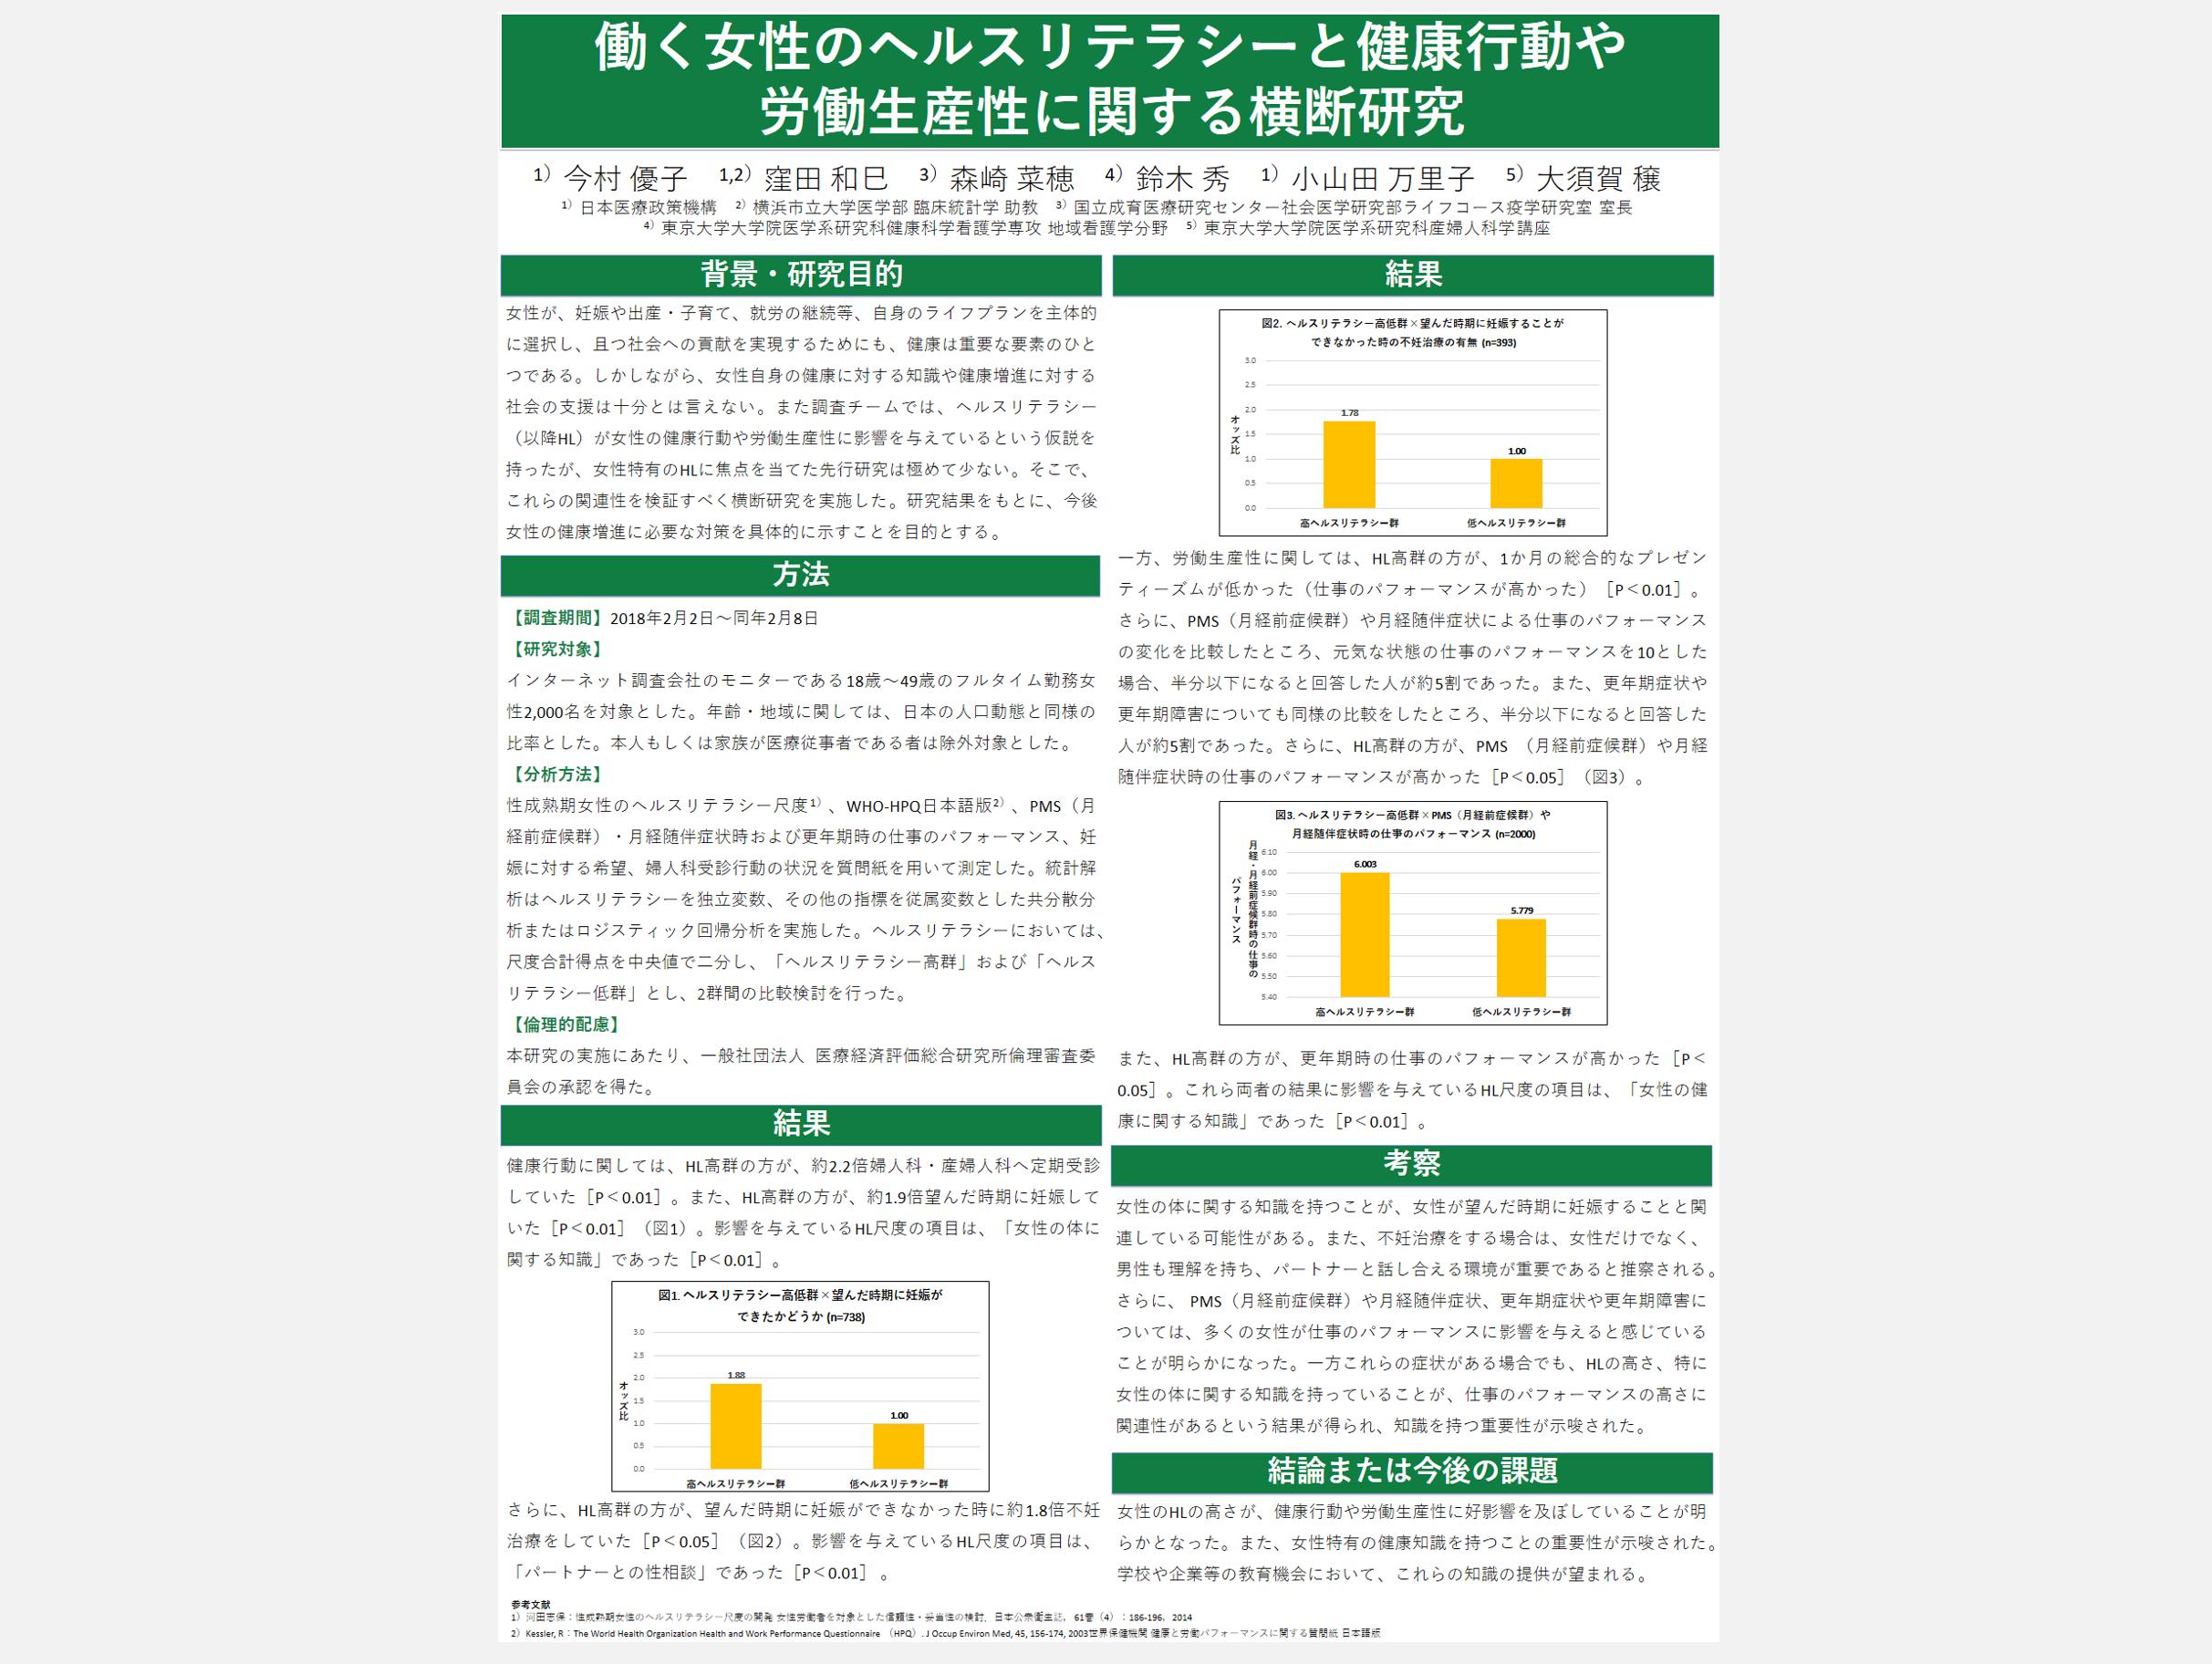 [Presentation] Japanese Midwives Association's 74th conference (May 26, 2018, Kanazawa city, Ishikawa prefecture)